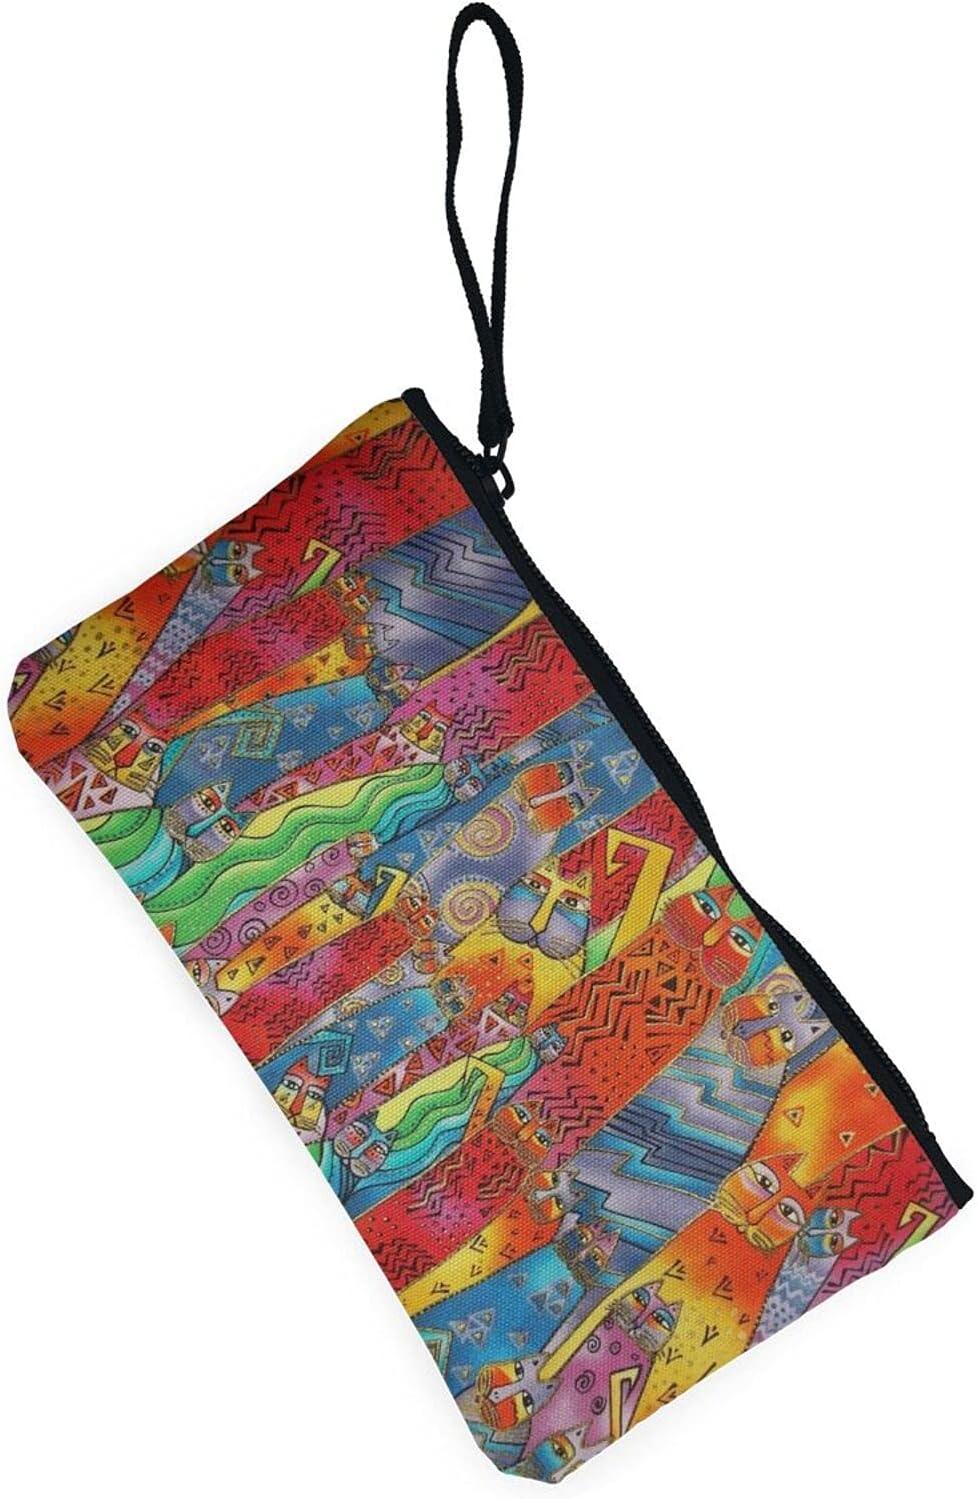 AORRUAM Art cat Canvas Coin Purse,Canvas Zipper Pencil Cases,Canvas Change Purse Pouch Mini Wallet Coin Bag